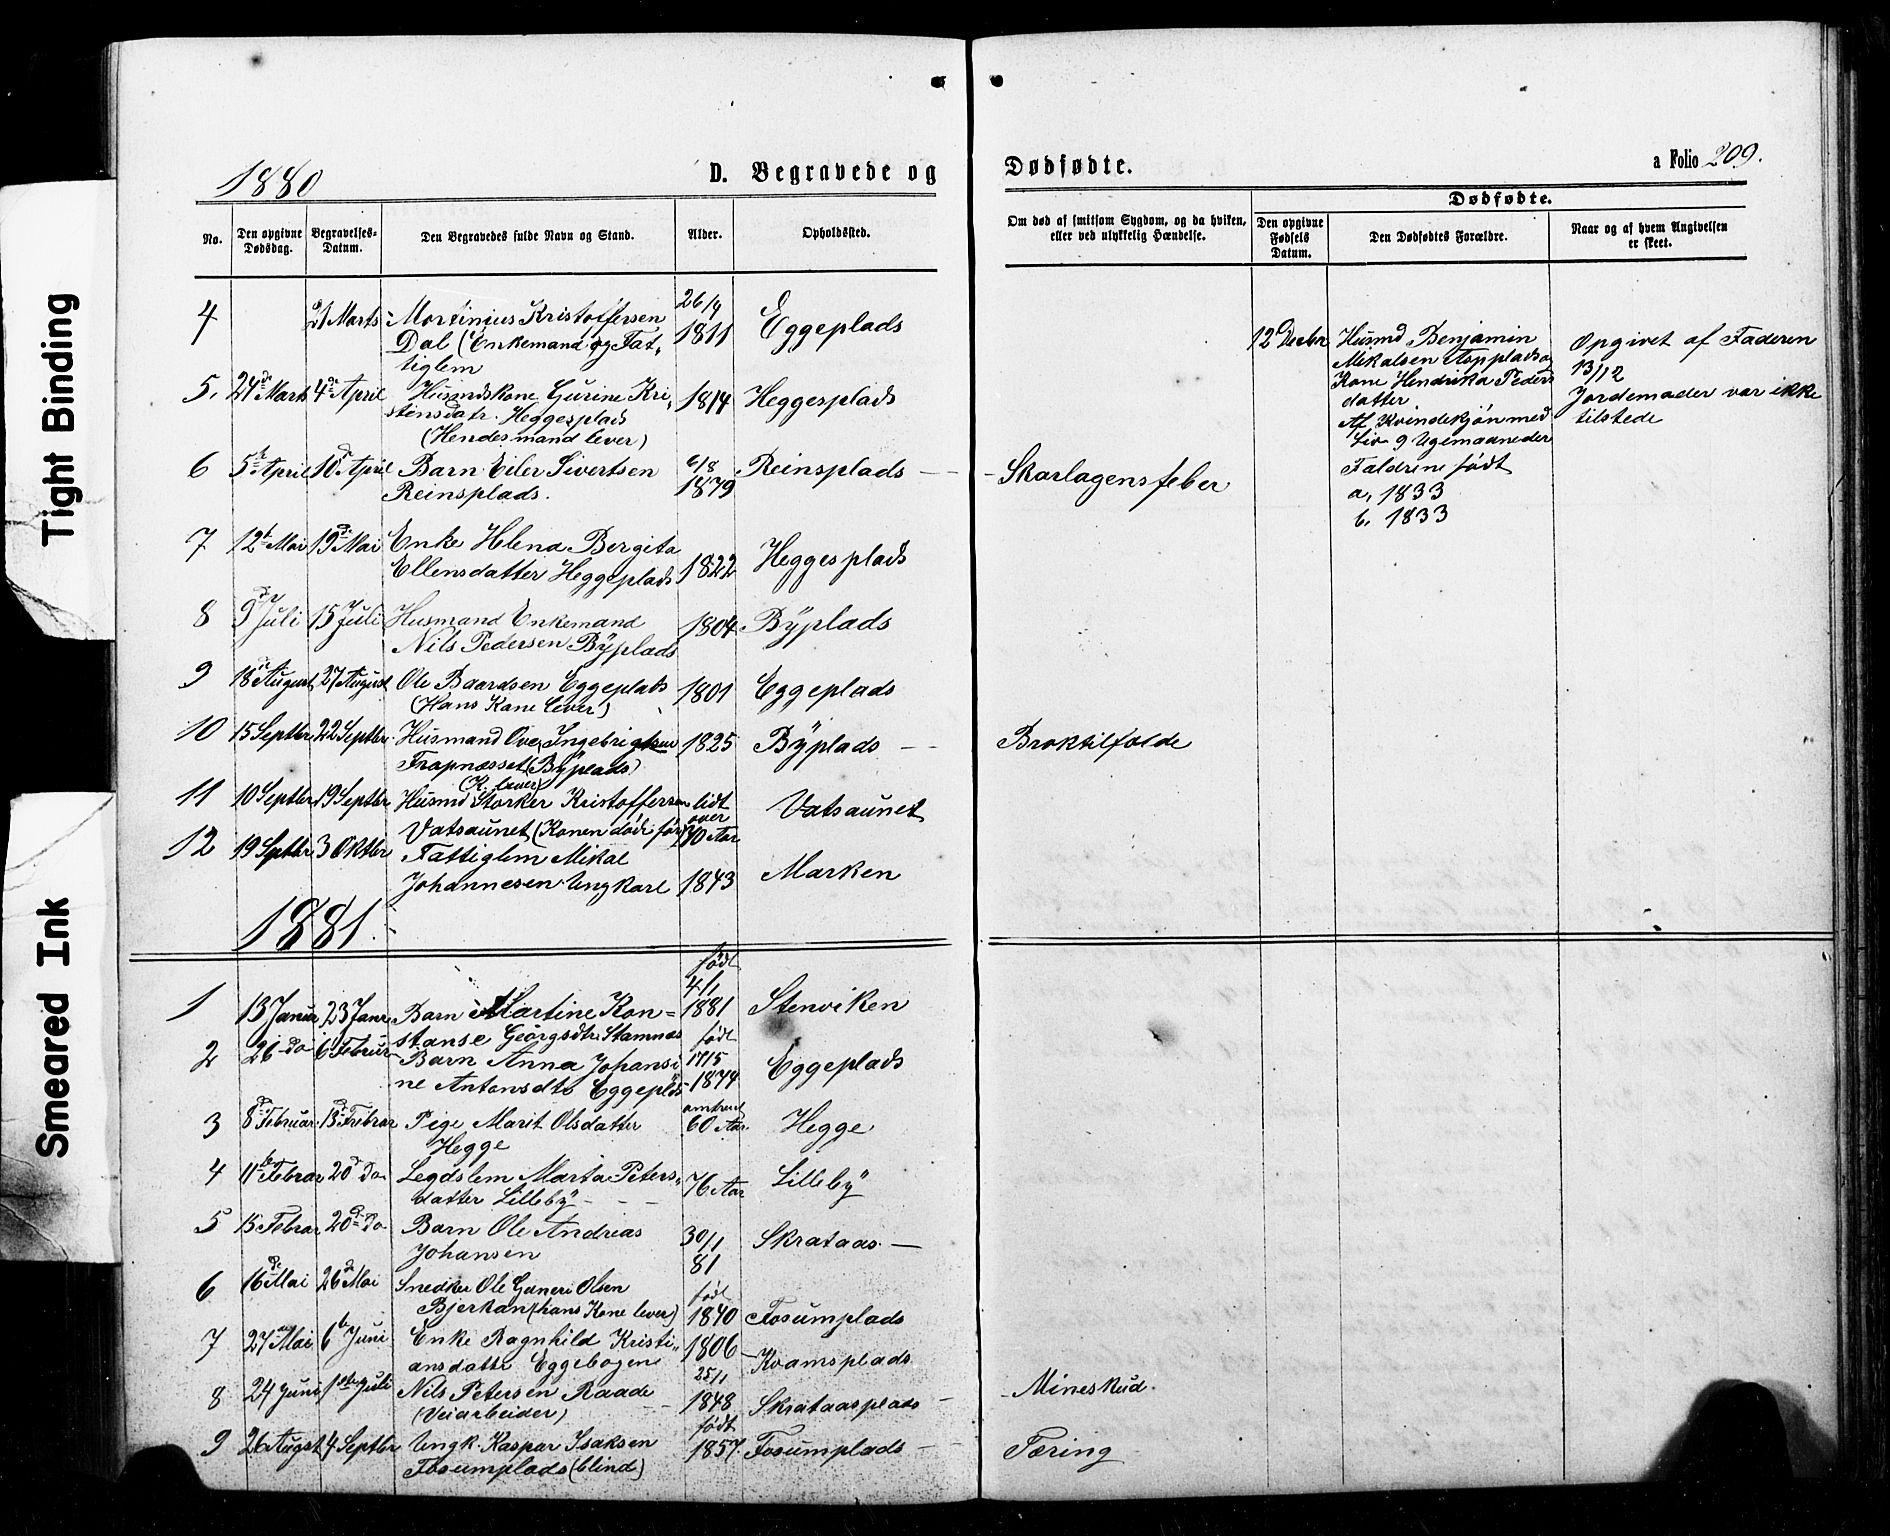 SAT, Ministerialprotokoller, klokkerbøker og fødselsregistre - Nord-Trøndelag, 740/L0380: Klokkerbok nr. 740C01, 1868-1902, s. 209